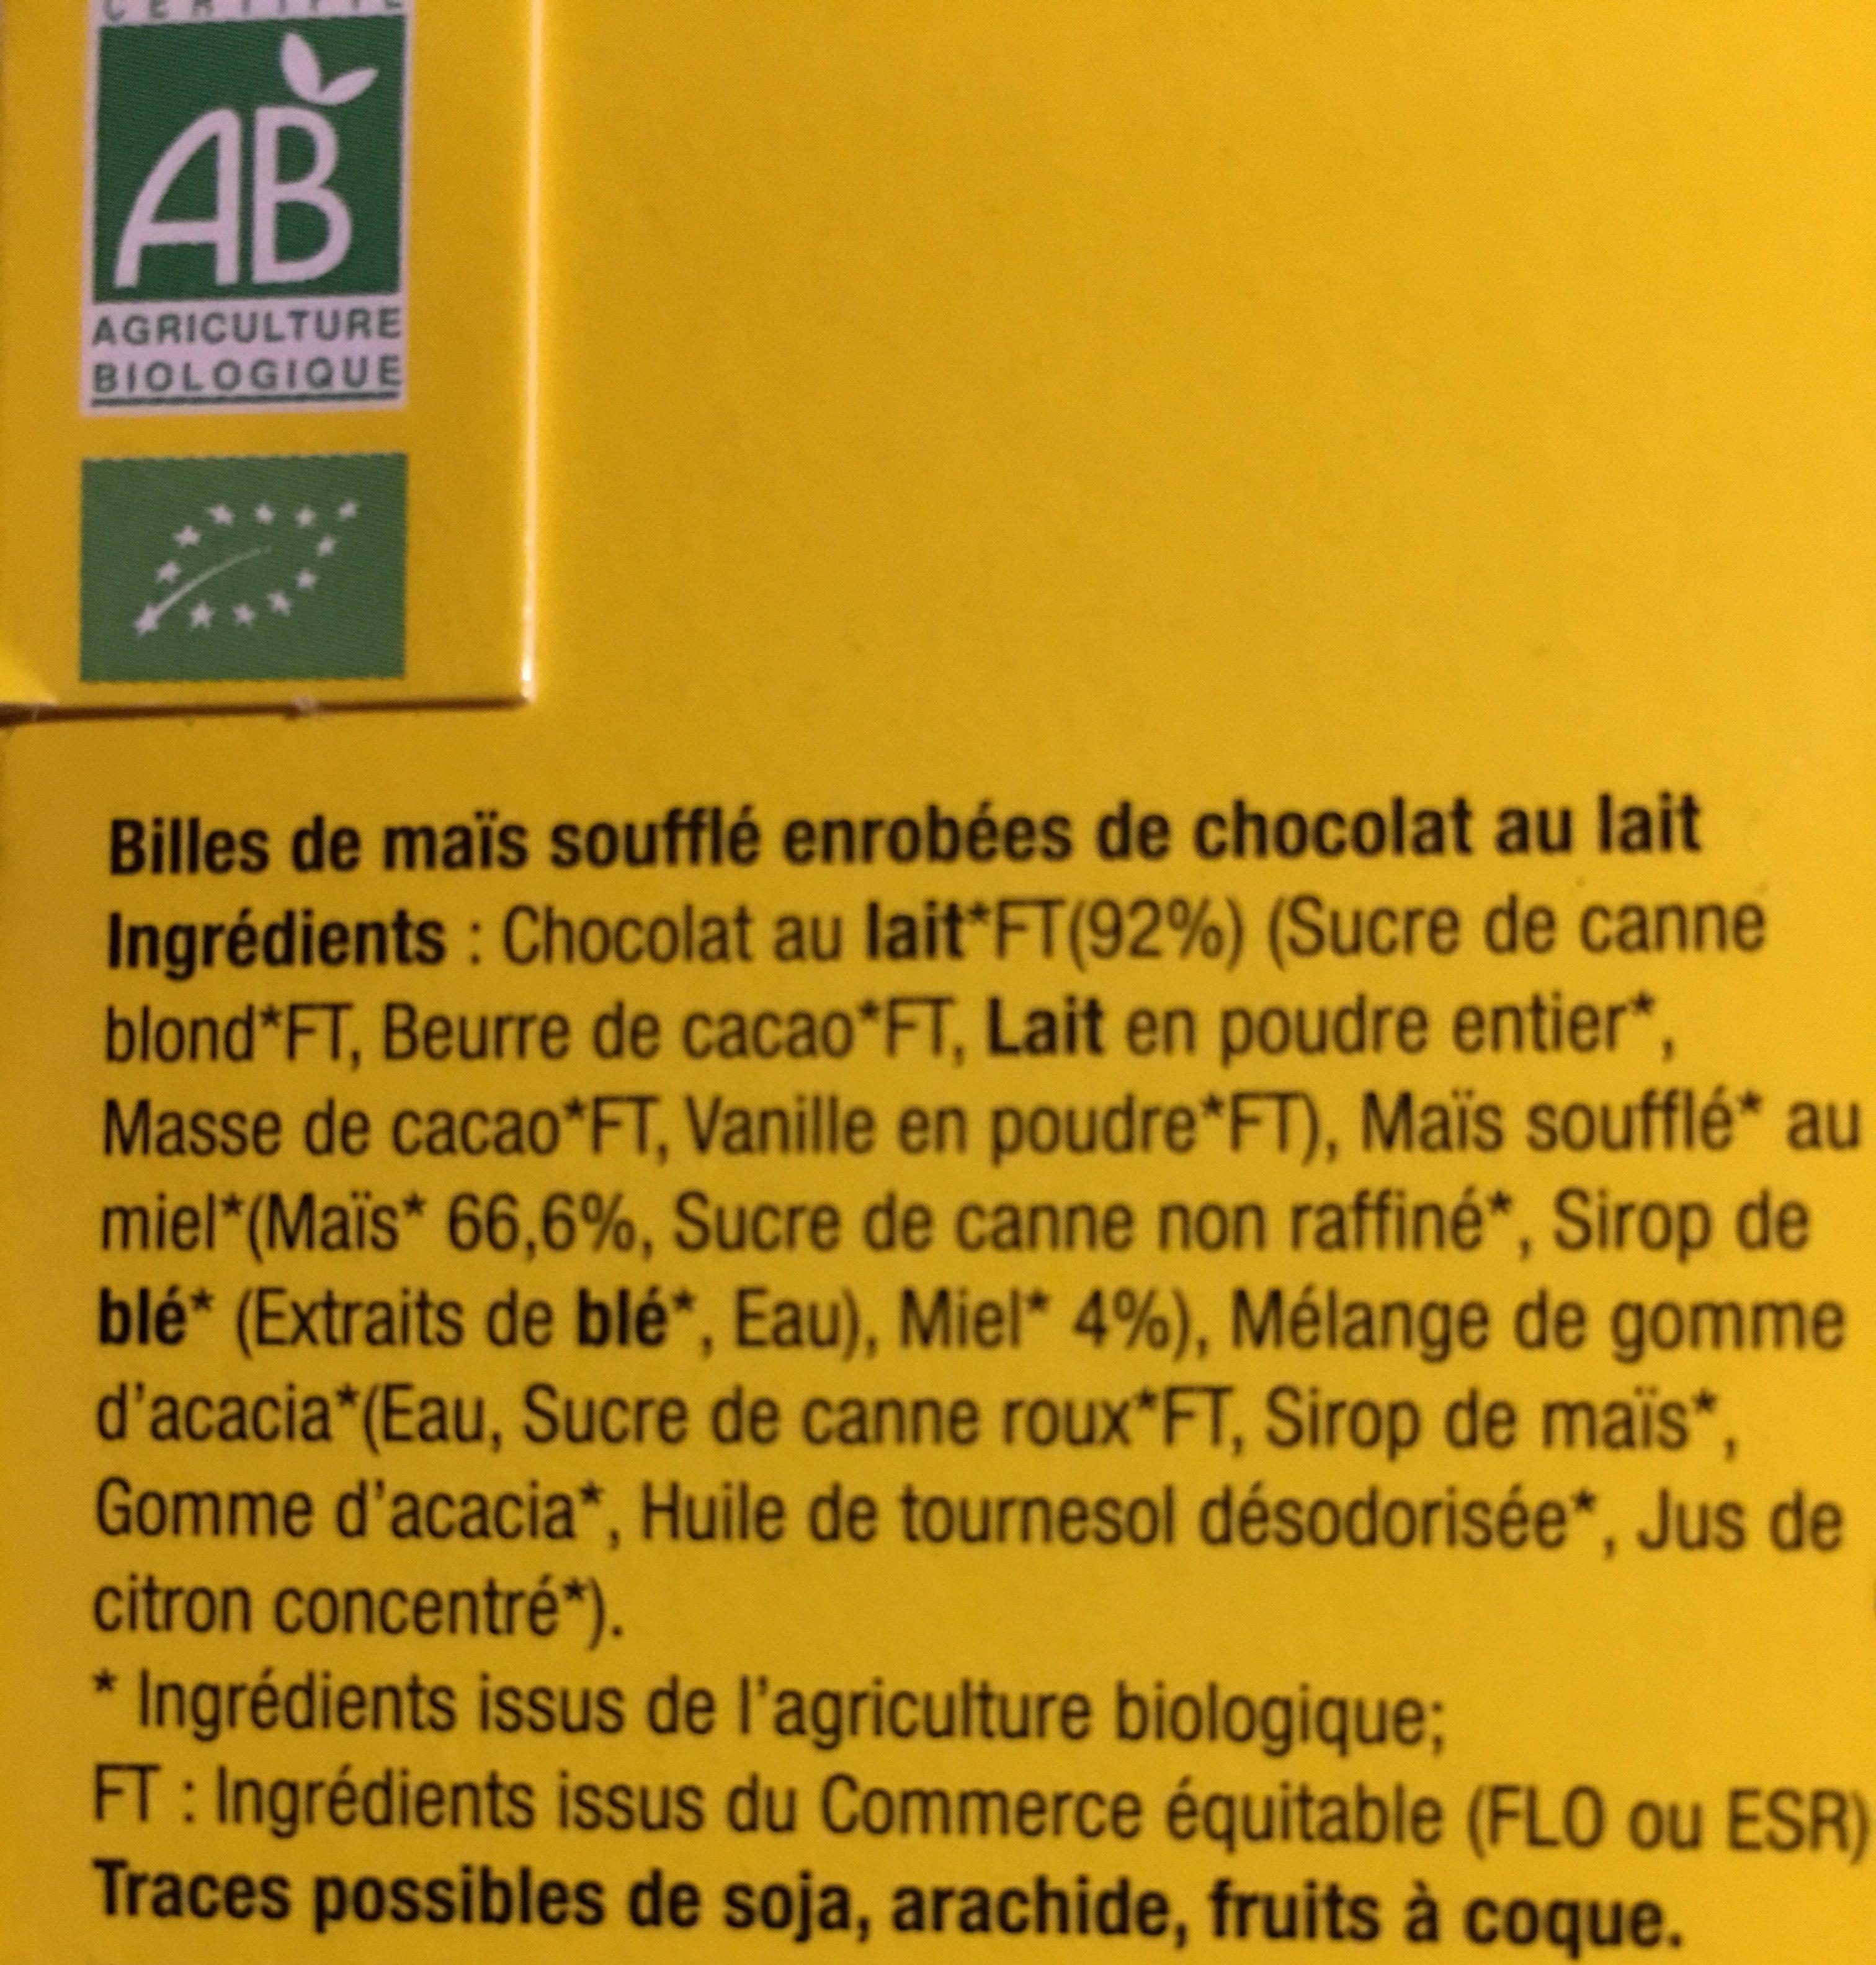 Billes De Mais Souffle Enrobees Choc Lait - Ingrédients